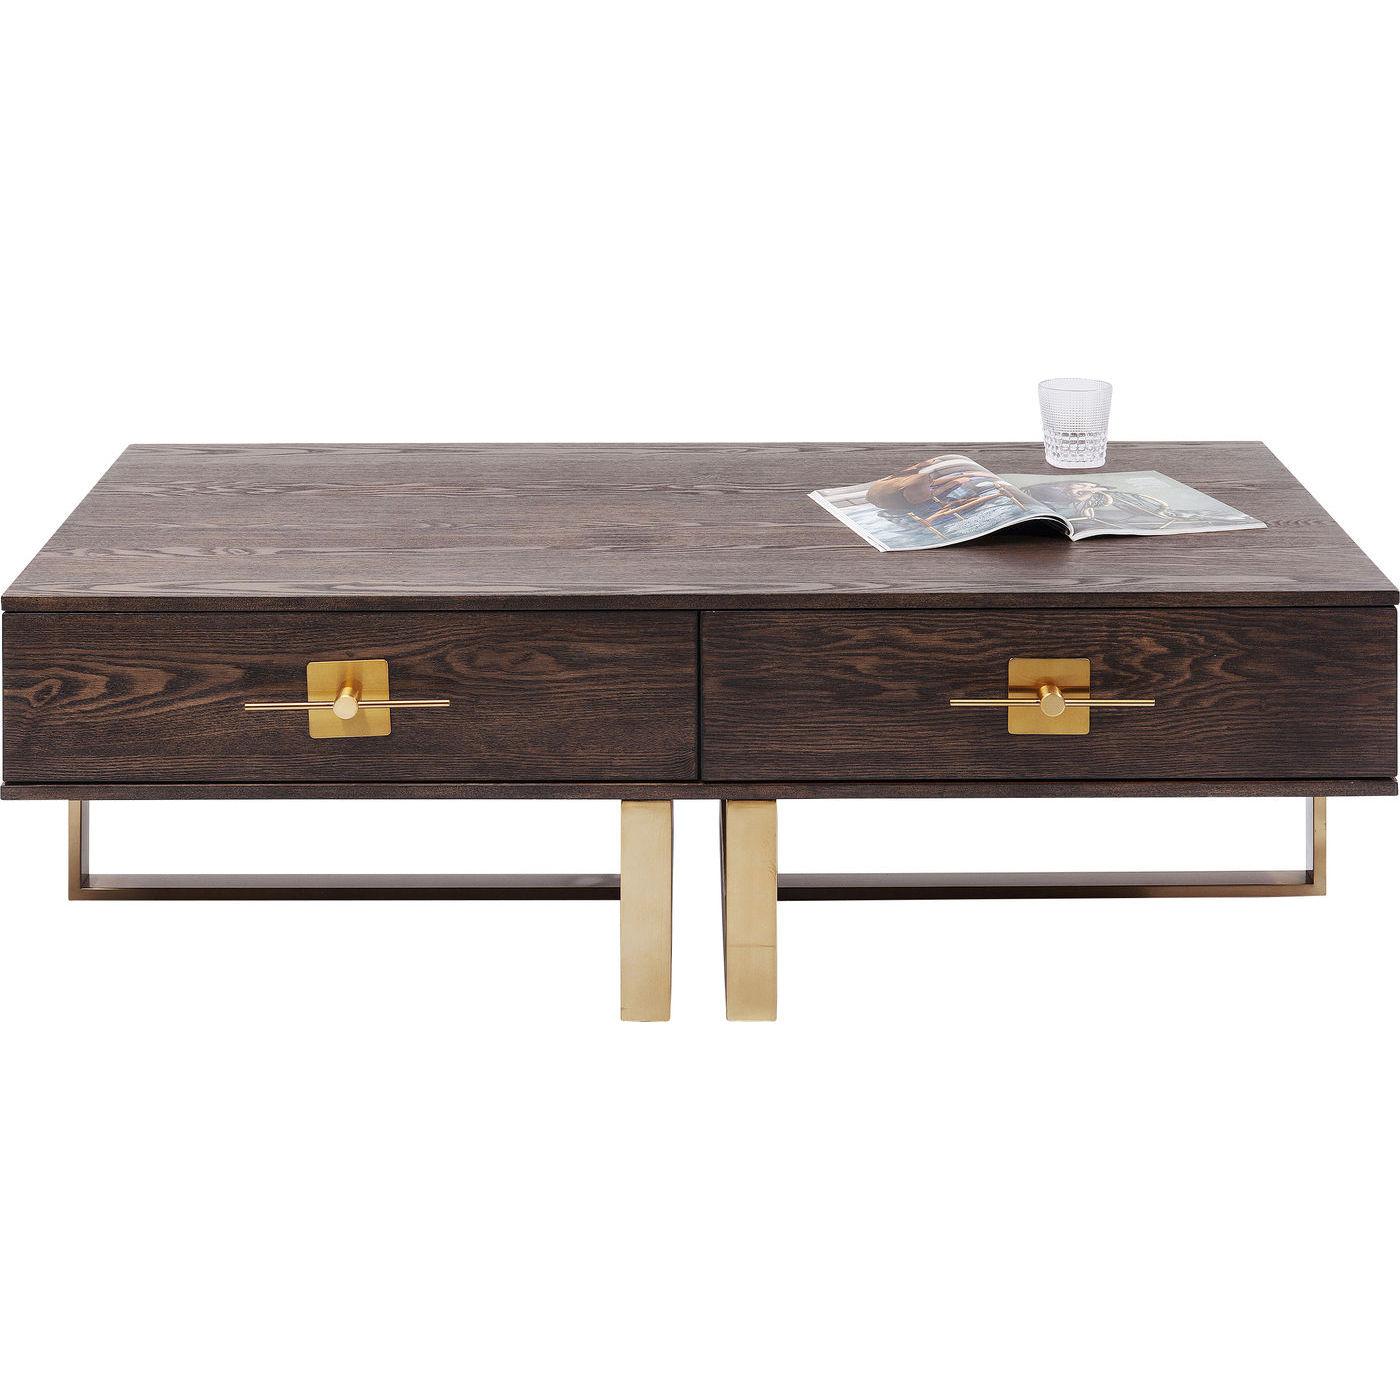 kare design Kare design osaka sofabord - brunt asketræsfin?r/guld stål, m. 2 skuffer (138x77) på boboonline.dk